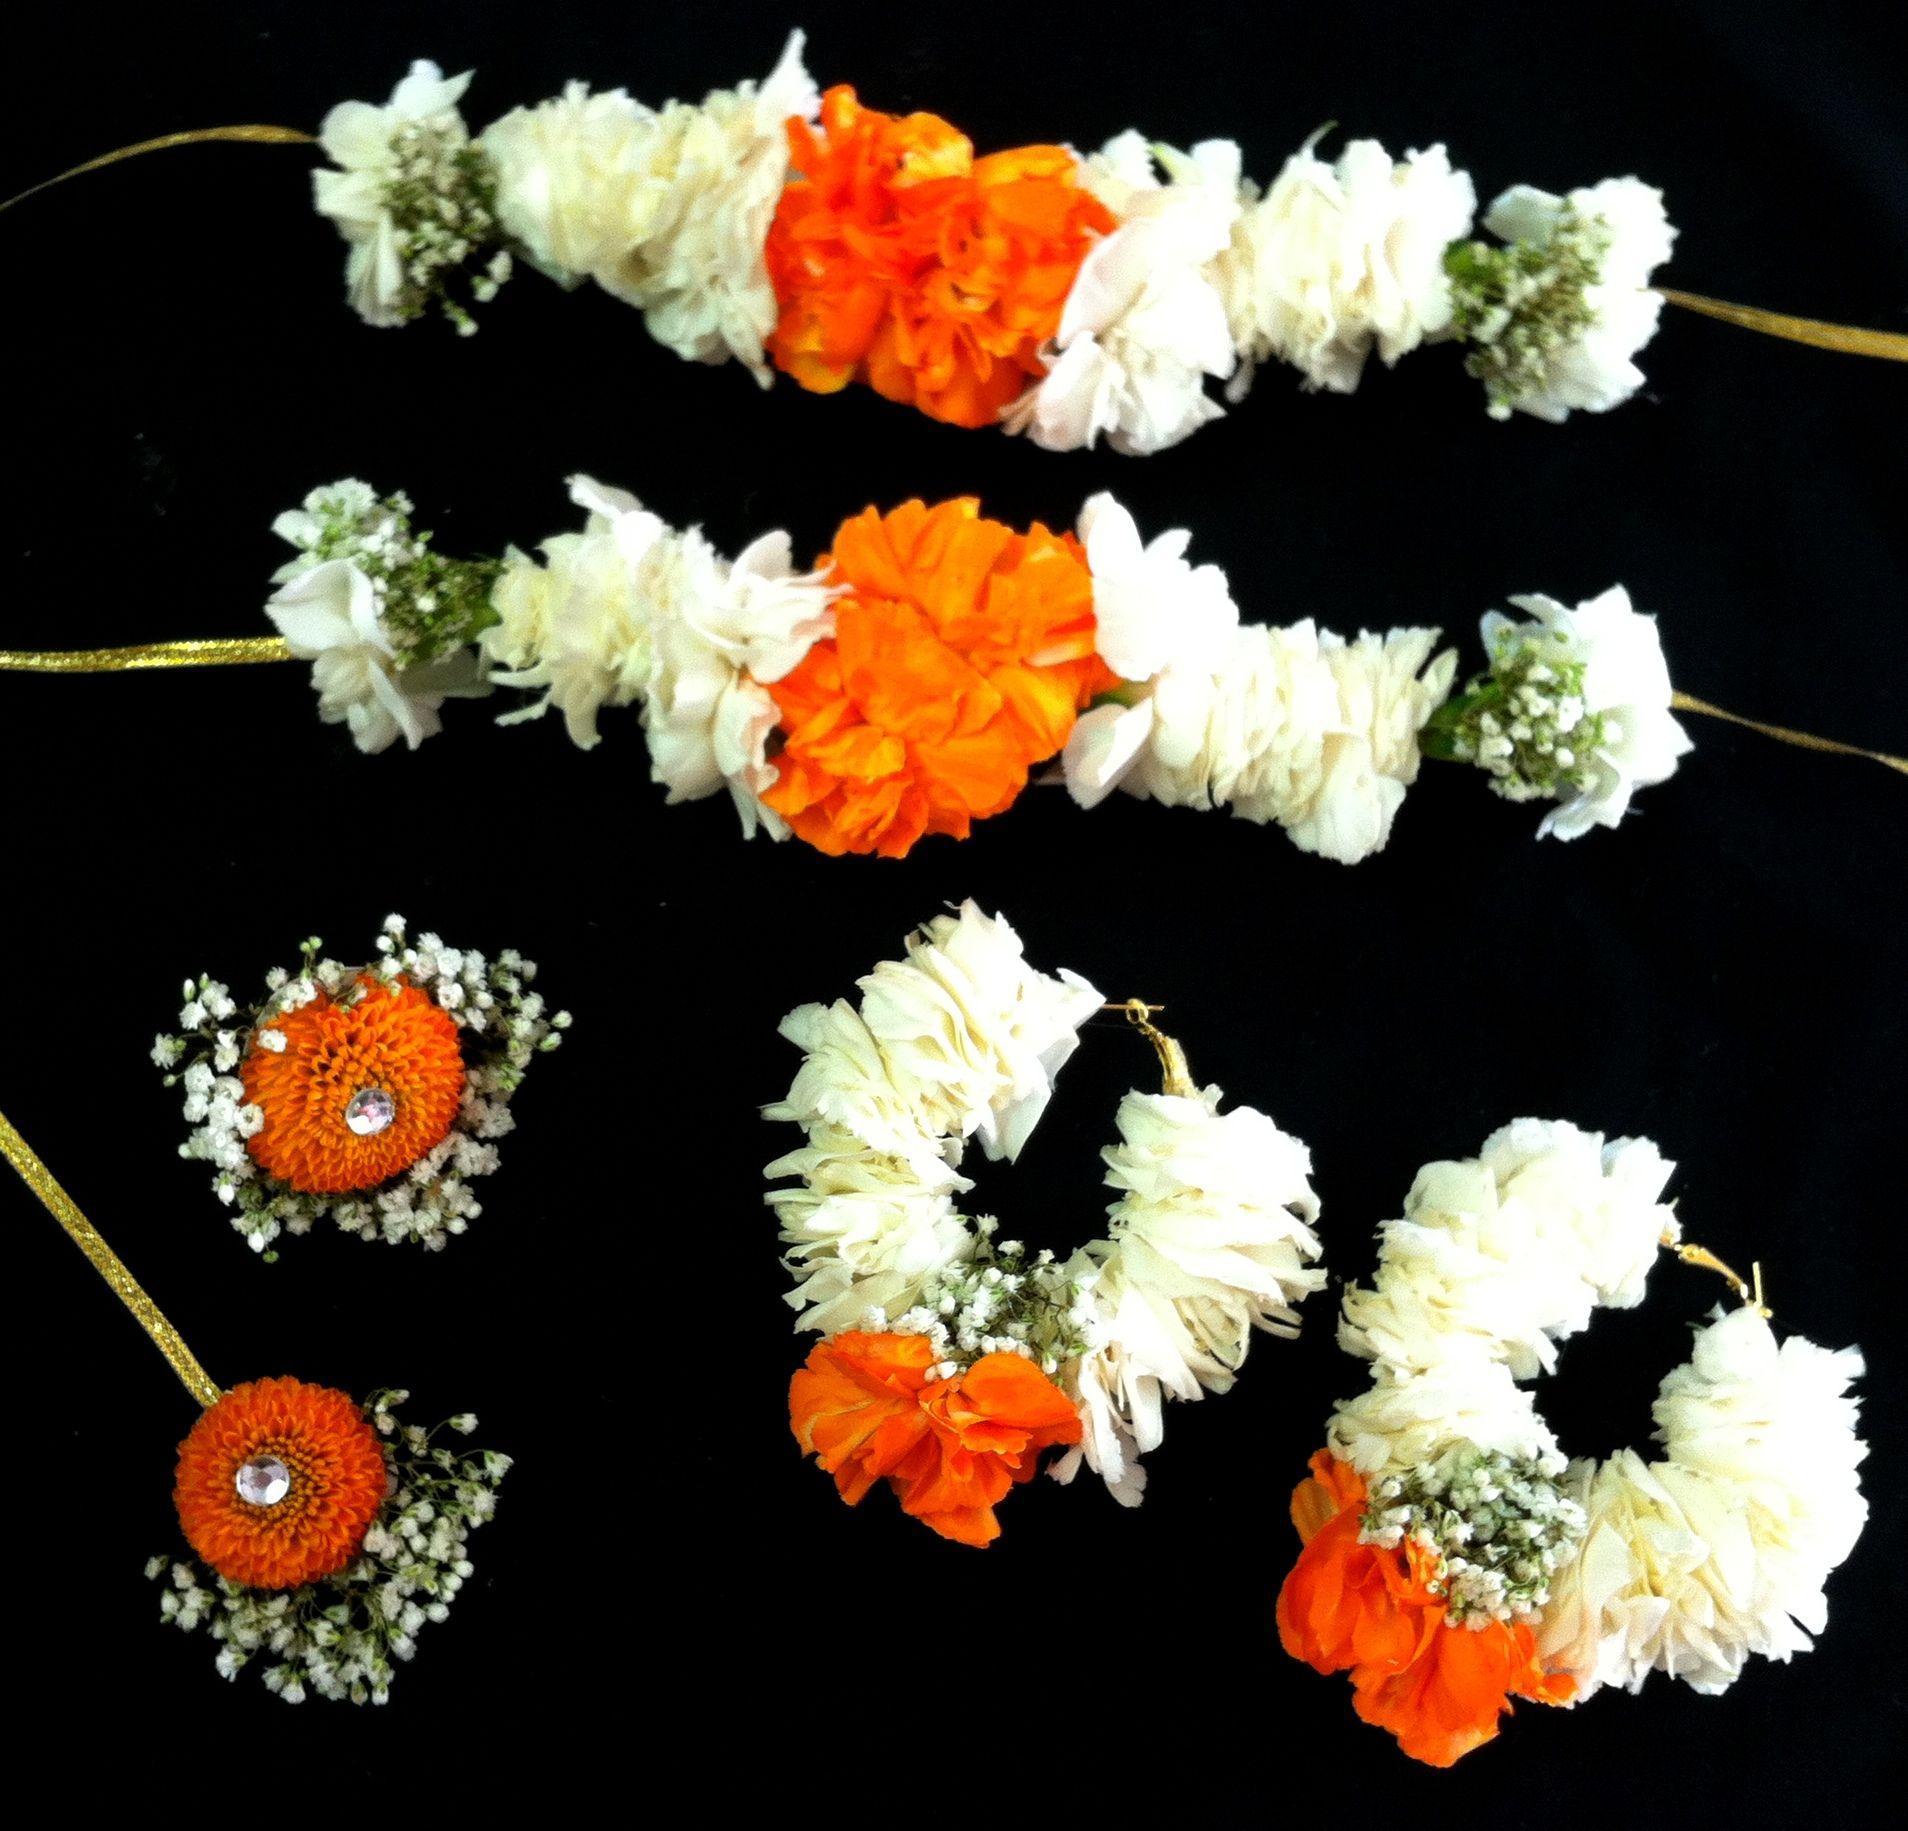 Mehndi flowers | Saris On My Mind | Pinterest | Mehndi, Night ...